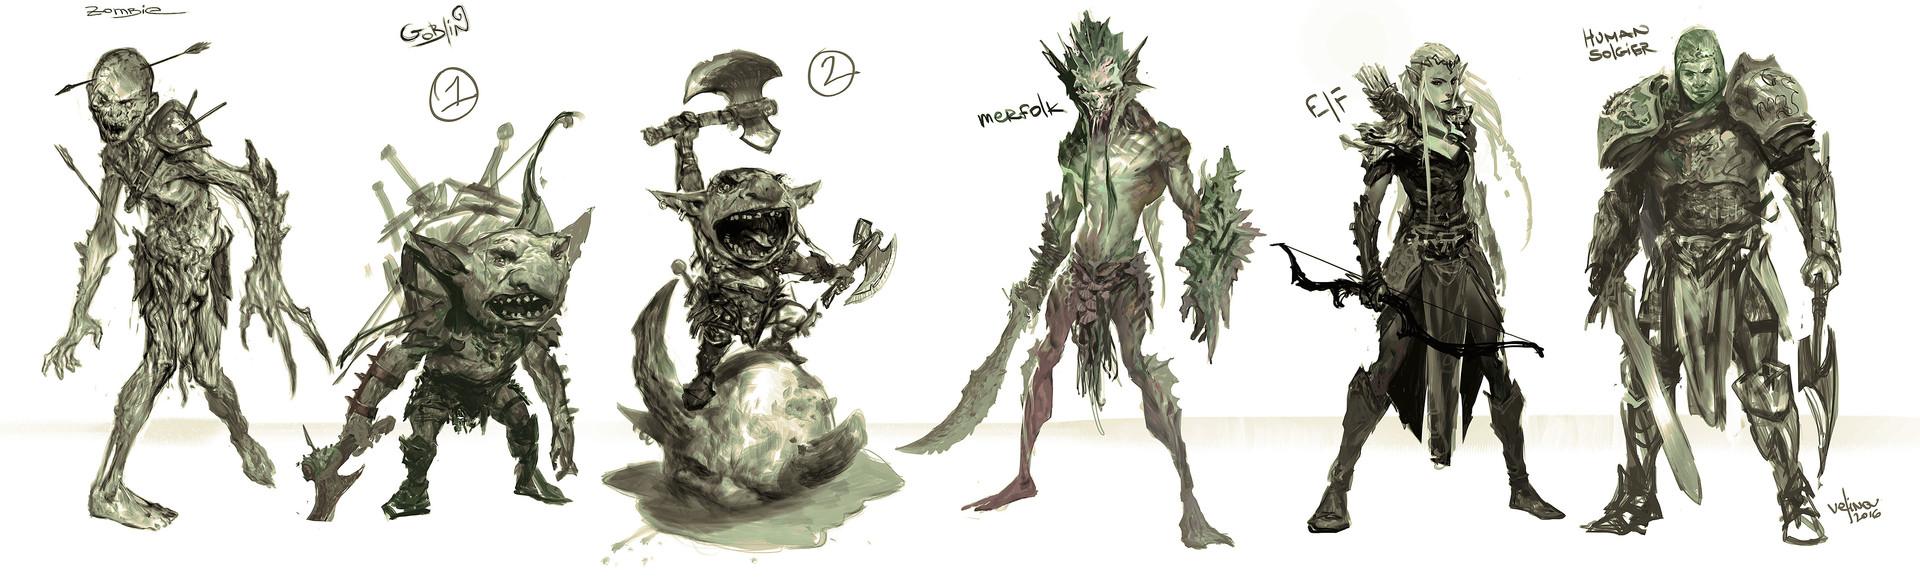 Svetlin velinov manicomix illustration mtg characters